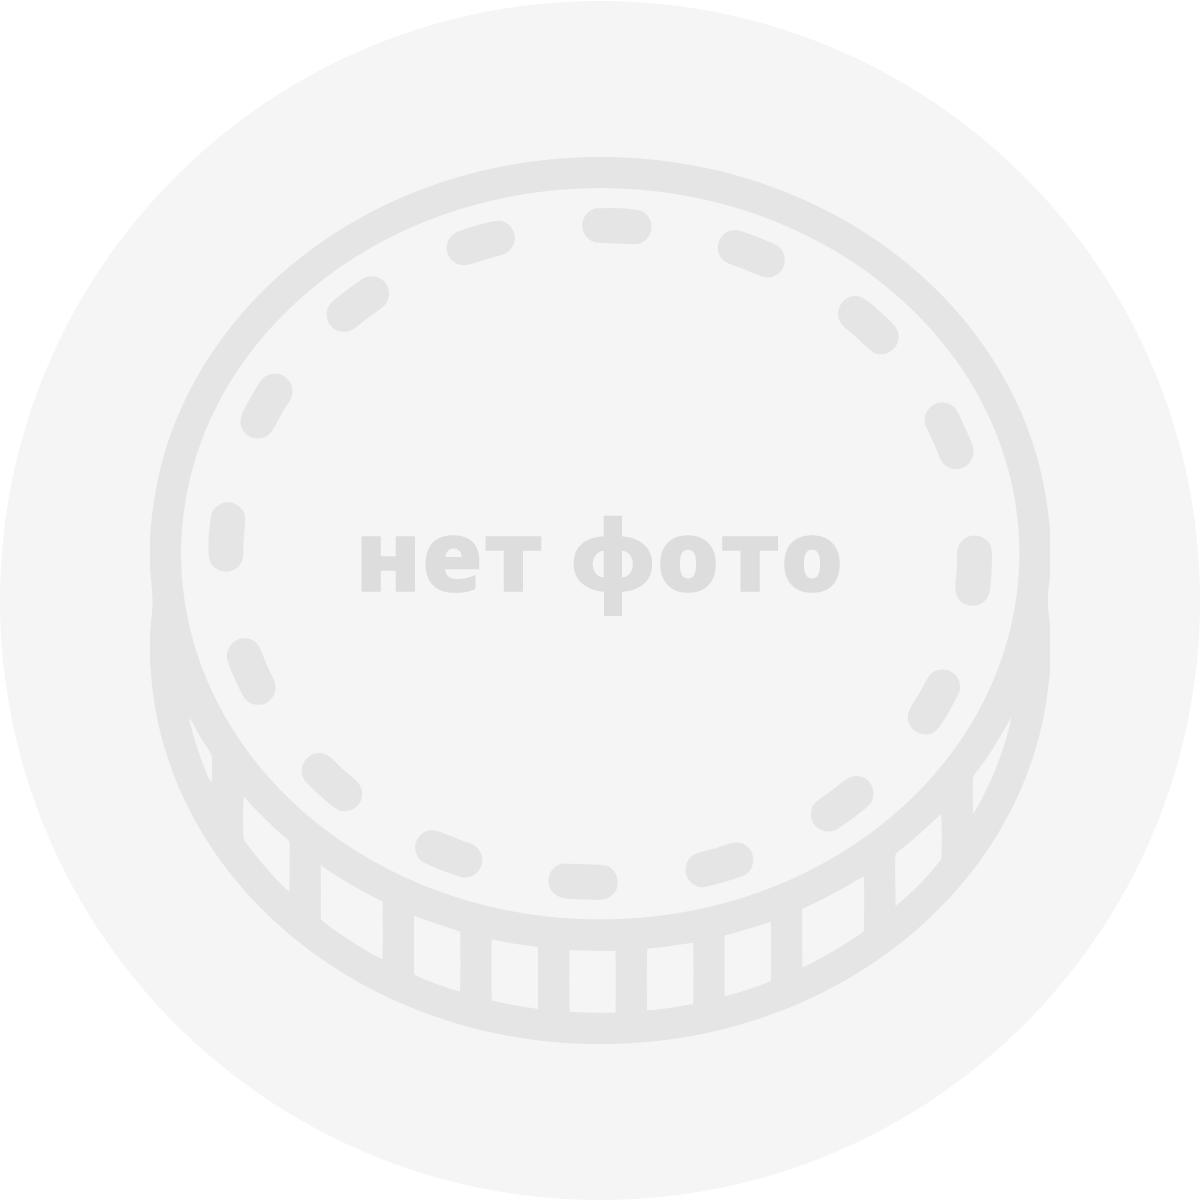 Остров Като, 10 долларов (2017 г.)